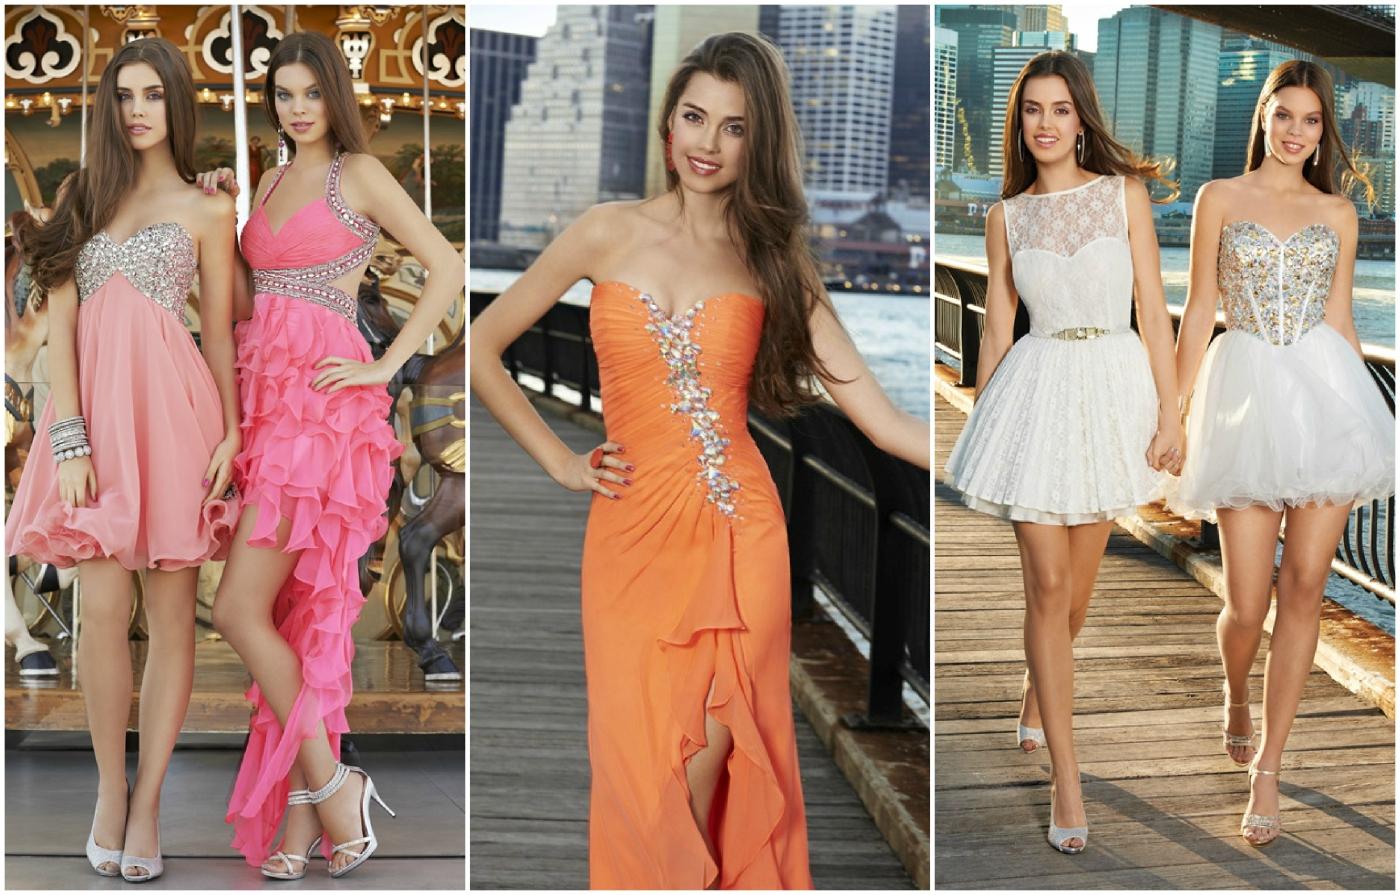 Fantastisch Camille La Vie Brautkleider Ideen - Hochzeit Kleid Stile ...